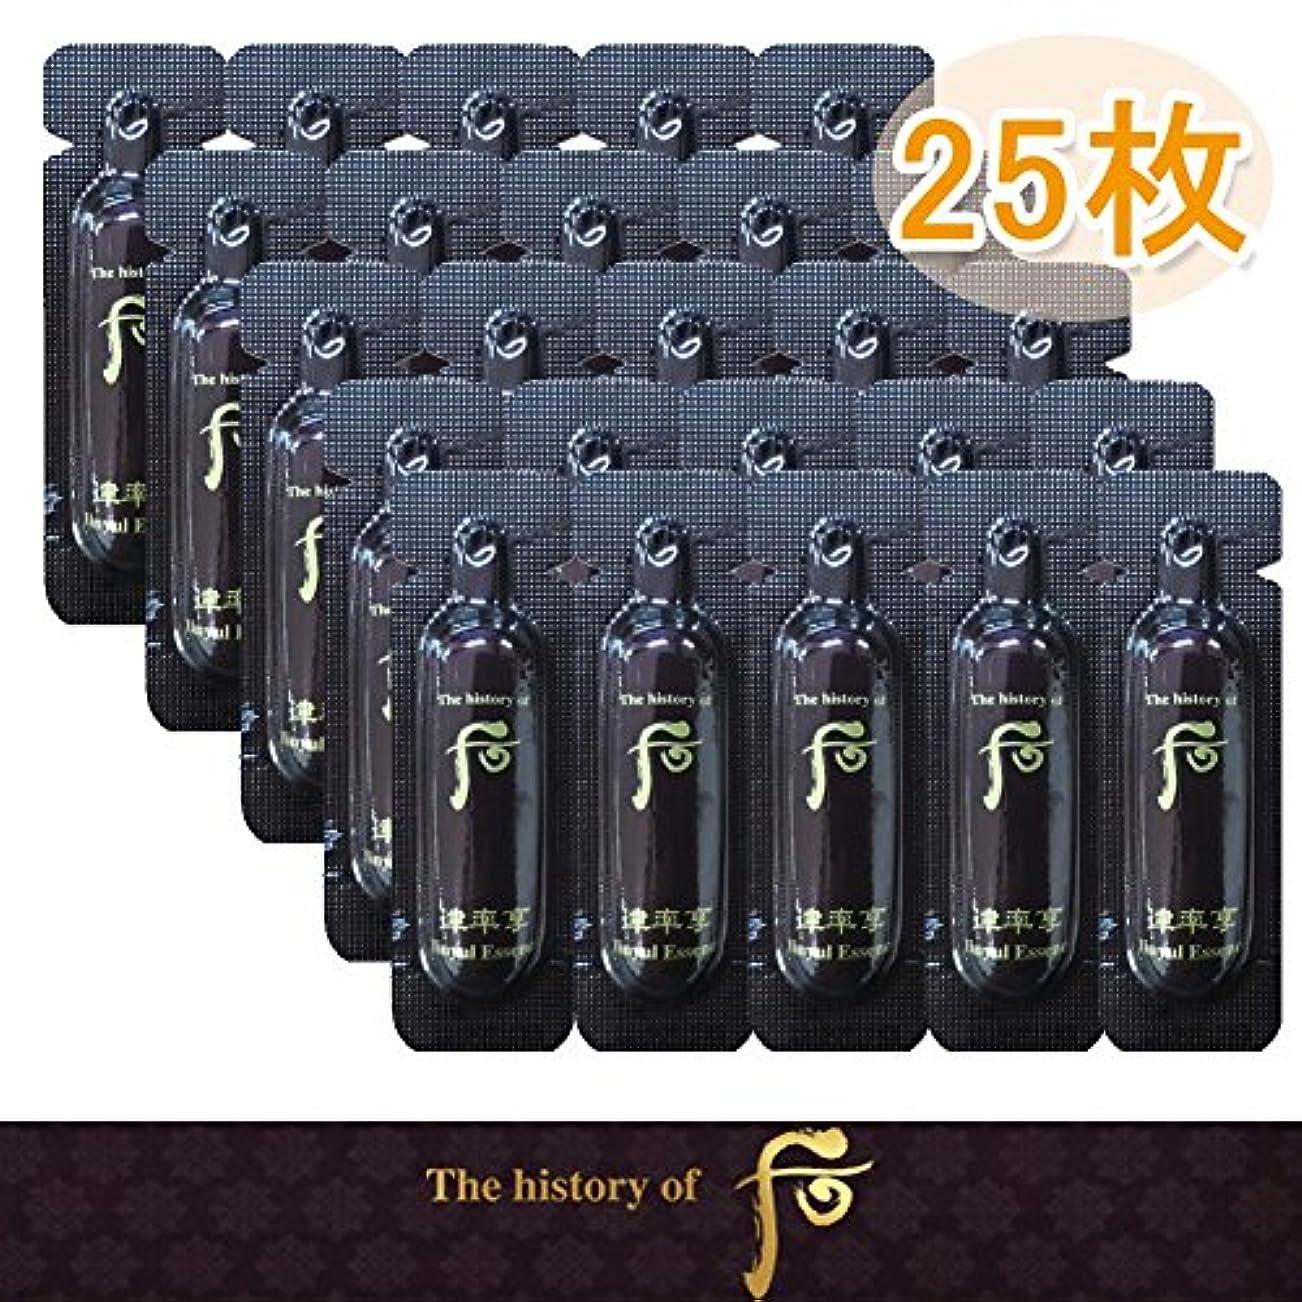 彼女のつまらない隣人【韓国コスメ オフィThe history of 后 [ドフー]Whoo Jinyul Essence ジンユルエッセンス サンプル 1ml x25枚 25ml+ Sample Gift [海外直送品]